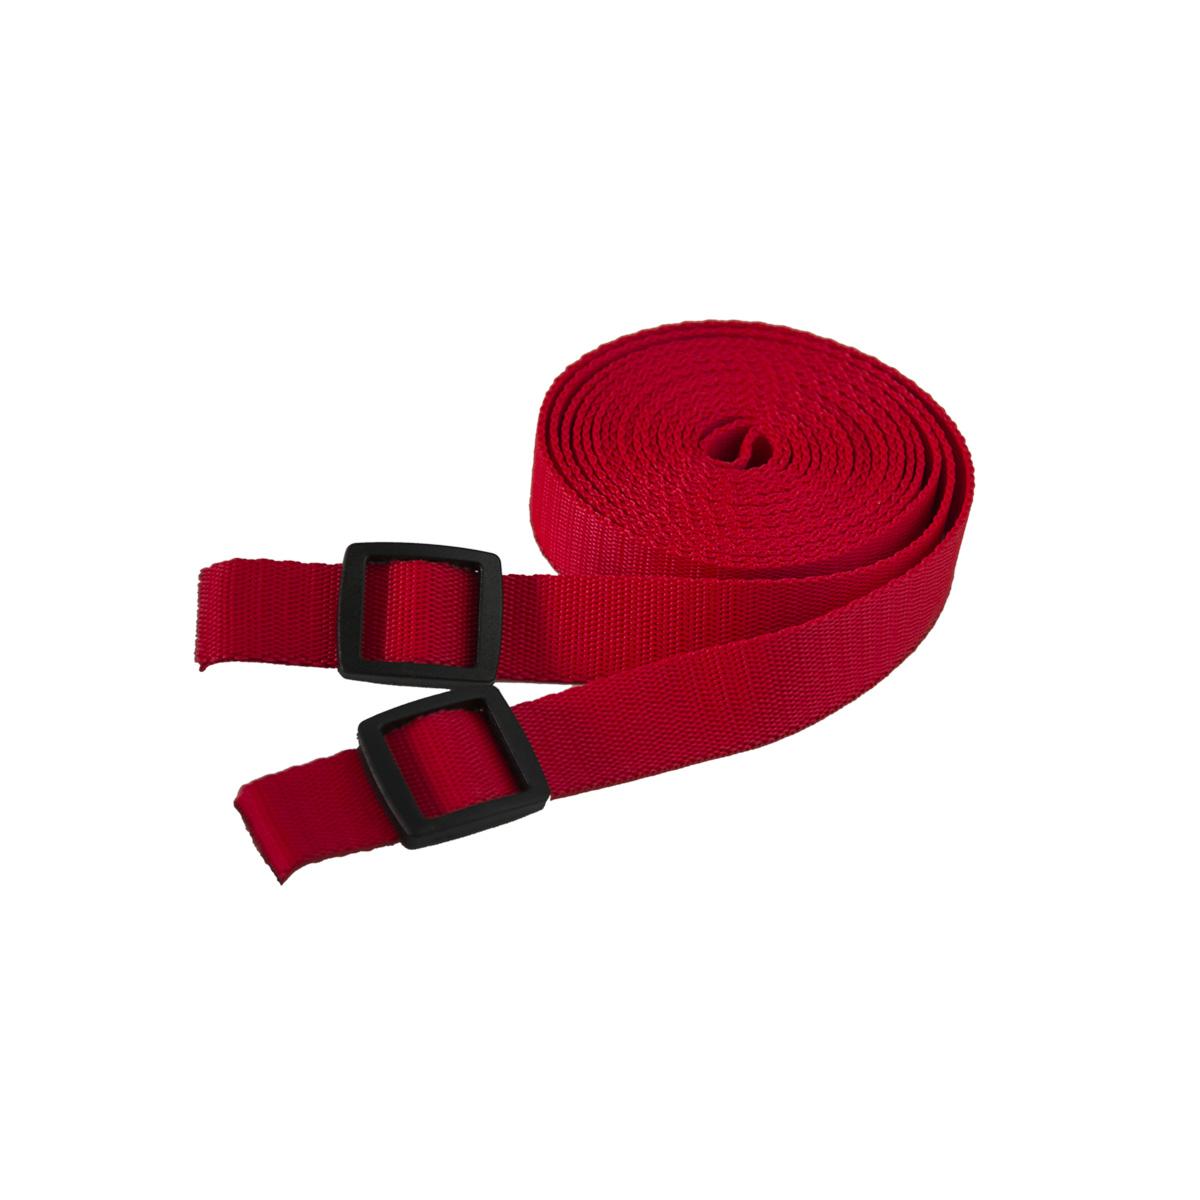 Tažný popruh na tahání saní a bobů - 3 metry - červený